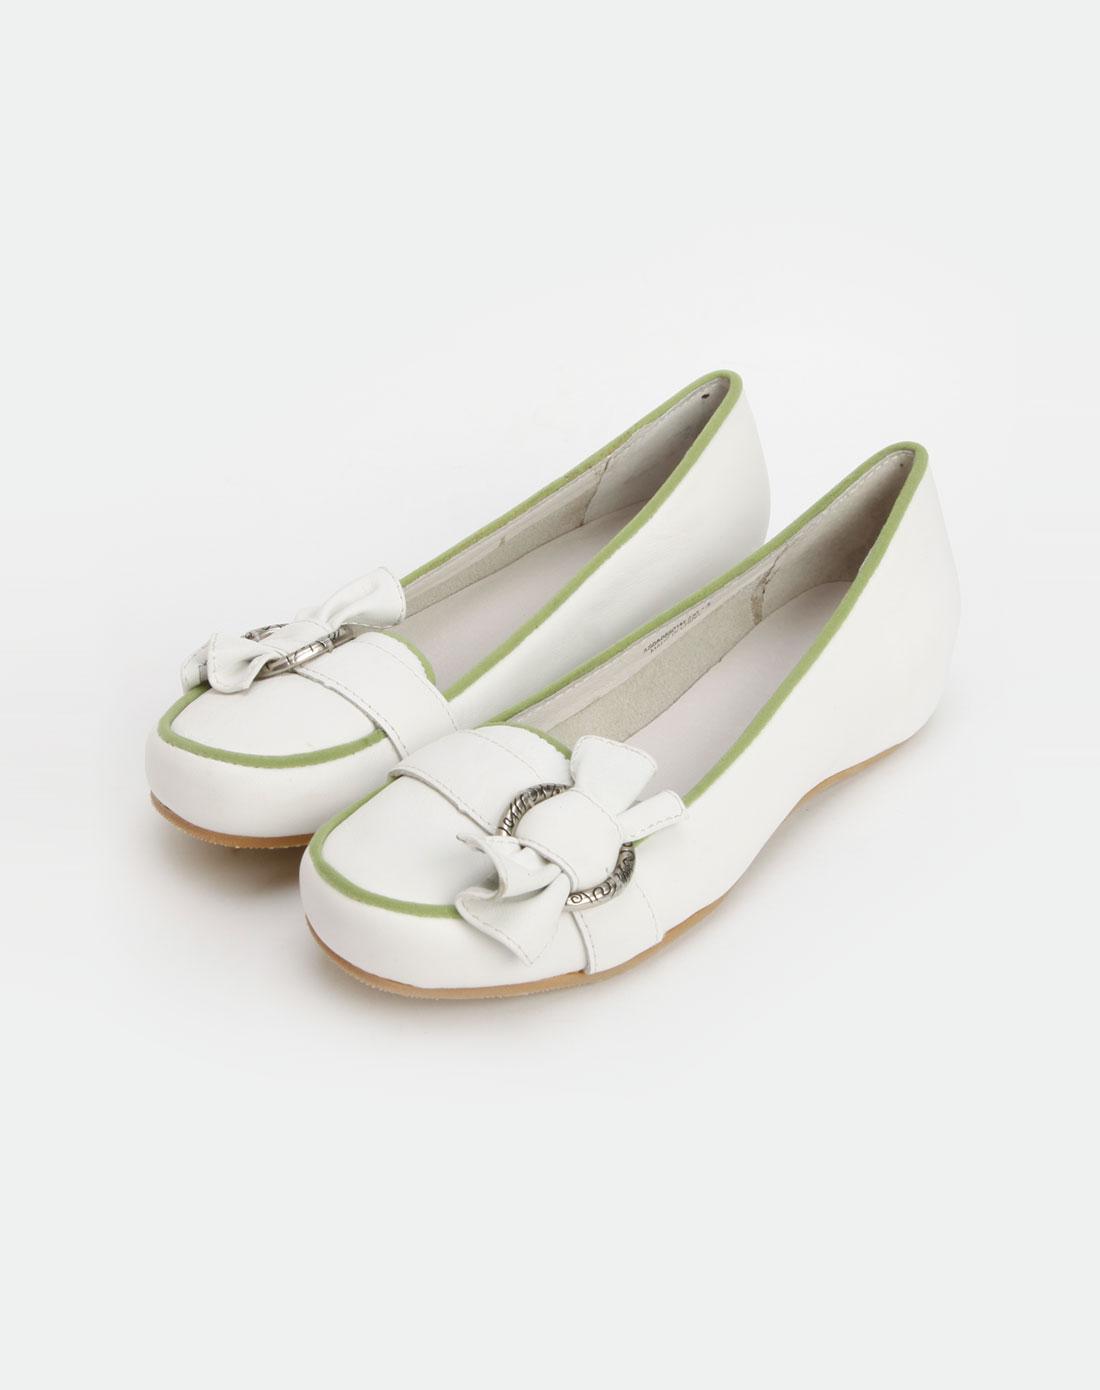 白色蝴蝶扣休闲鞋